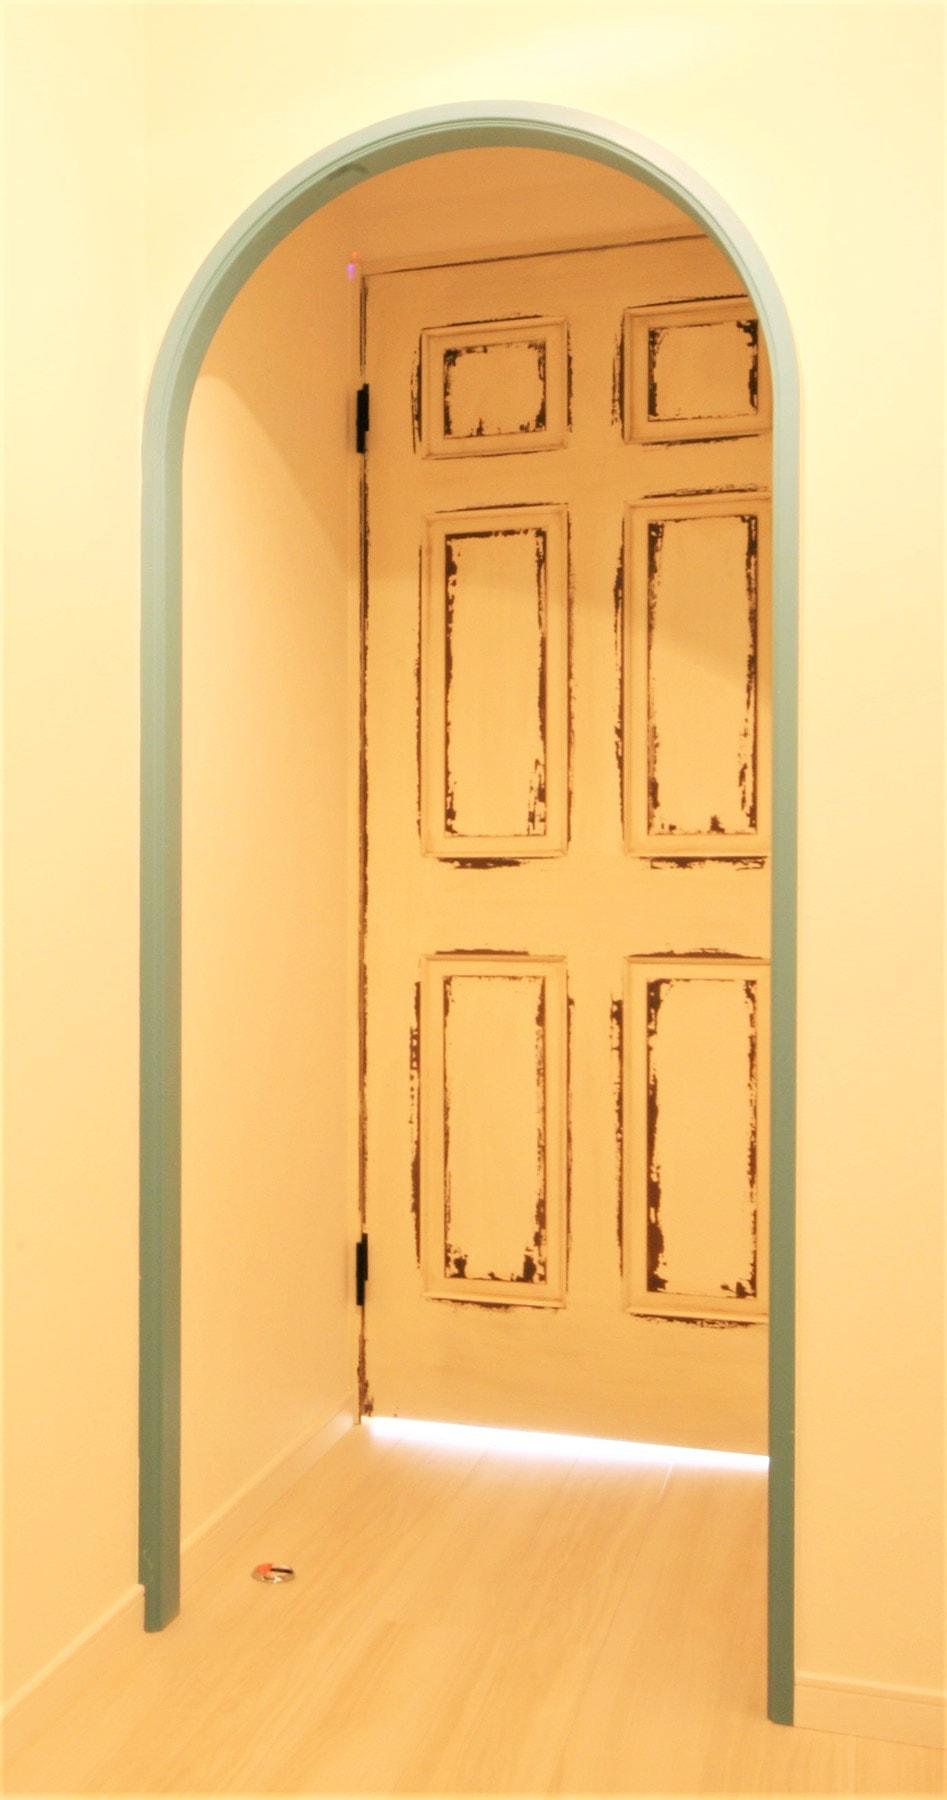 ~ワンちゃん部屋プラン例~ アールの壁(塗装有)・ドア(同一タイプ) 工事費40万 ※ペット可物件のみ